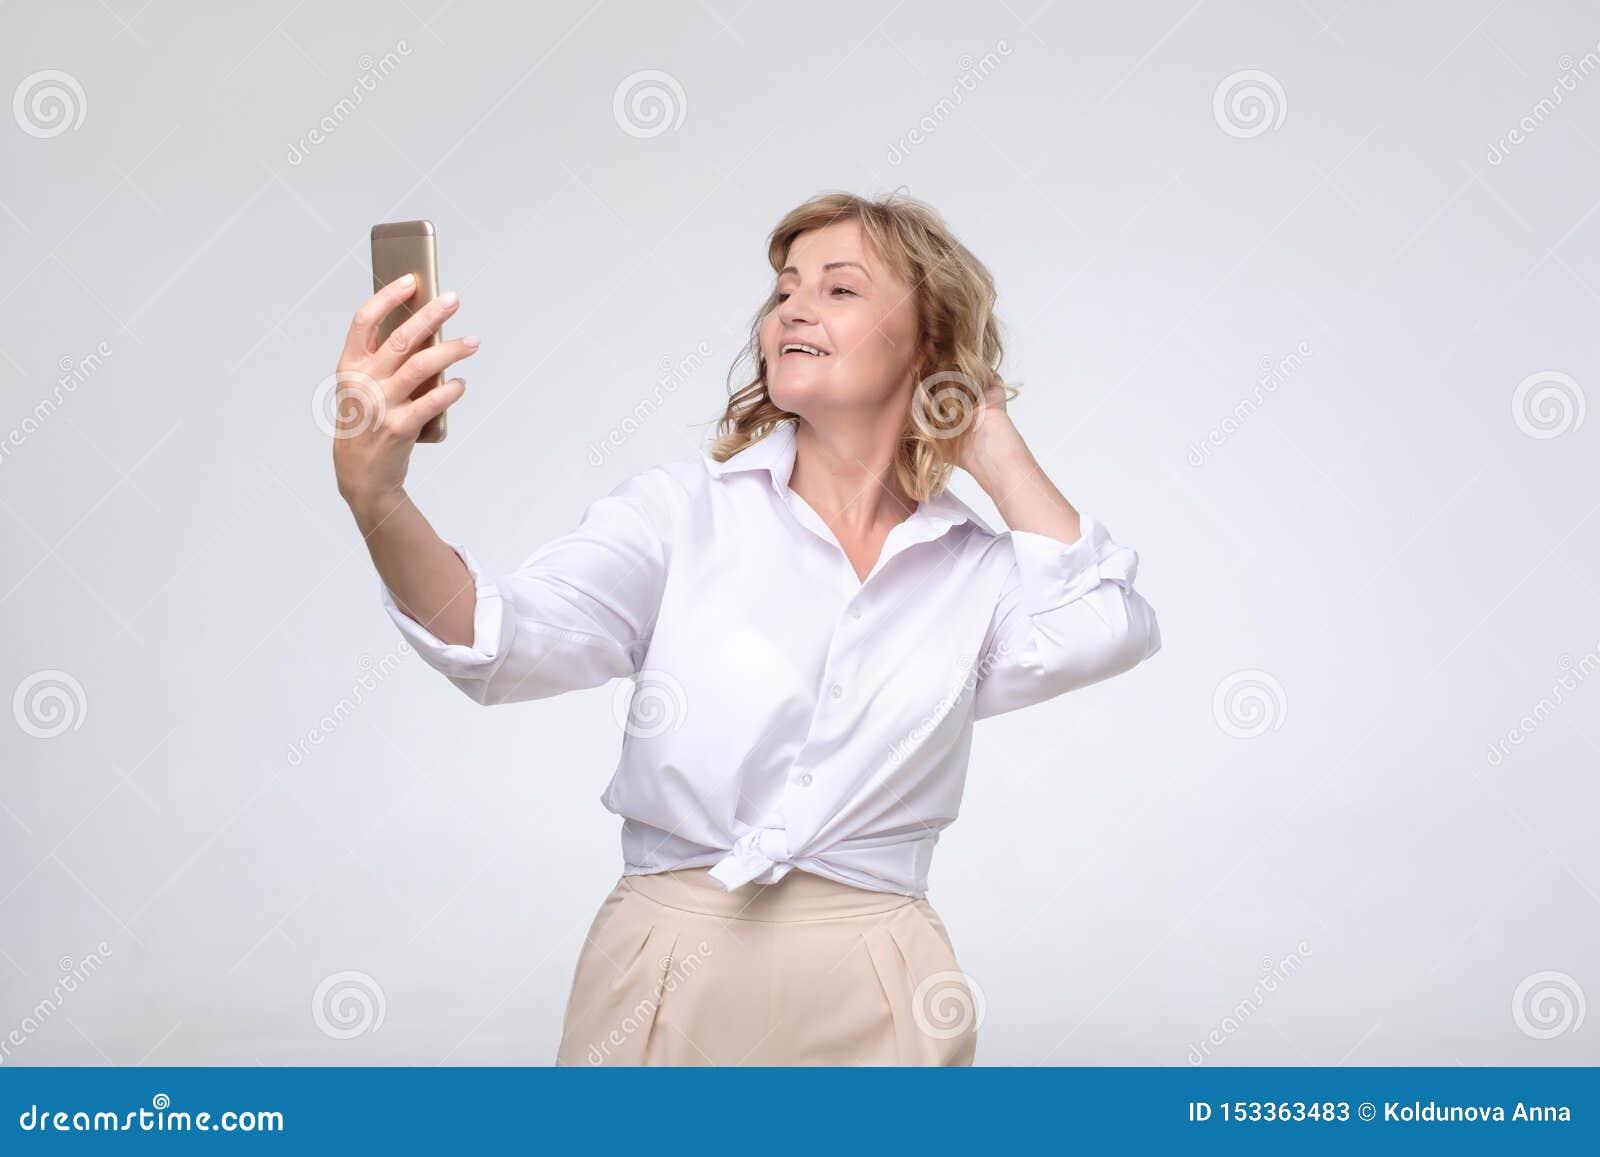 Ώριμη όμορφη γυναίκα στην επίσημη ένδυση που κάνει selfie στο τηλέφωνό της